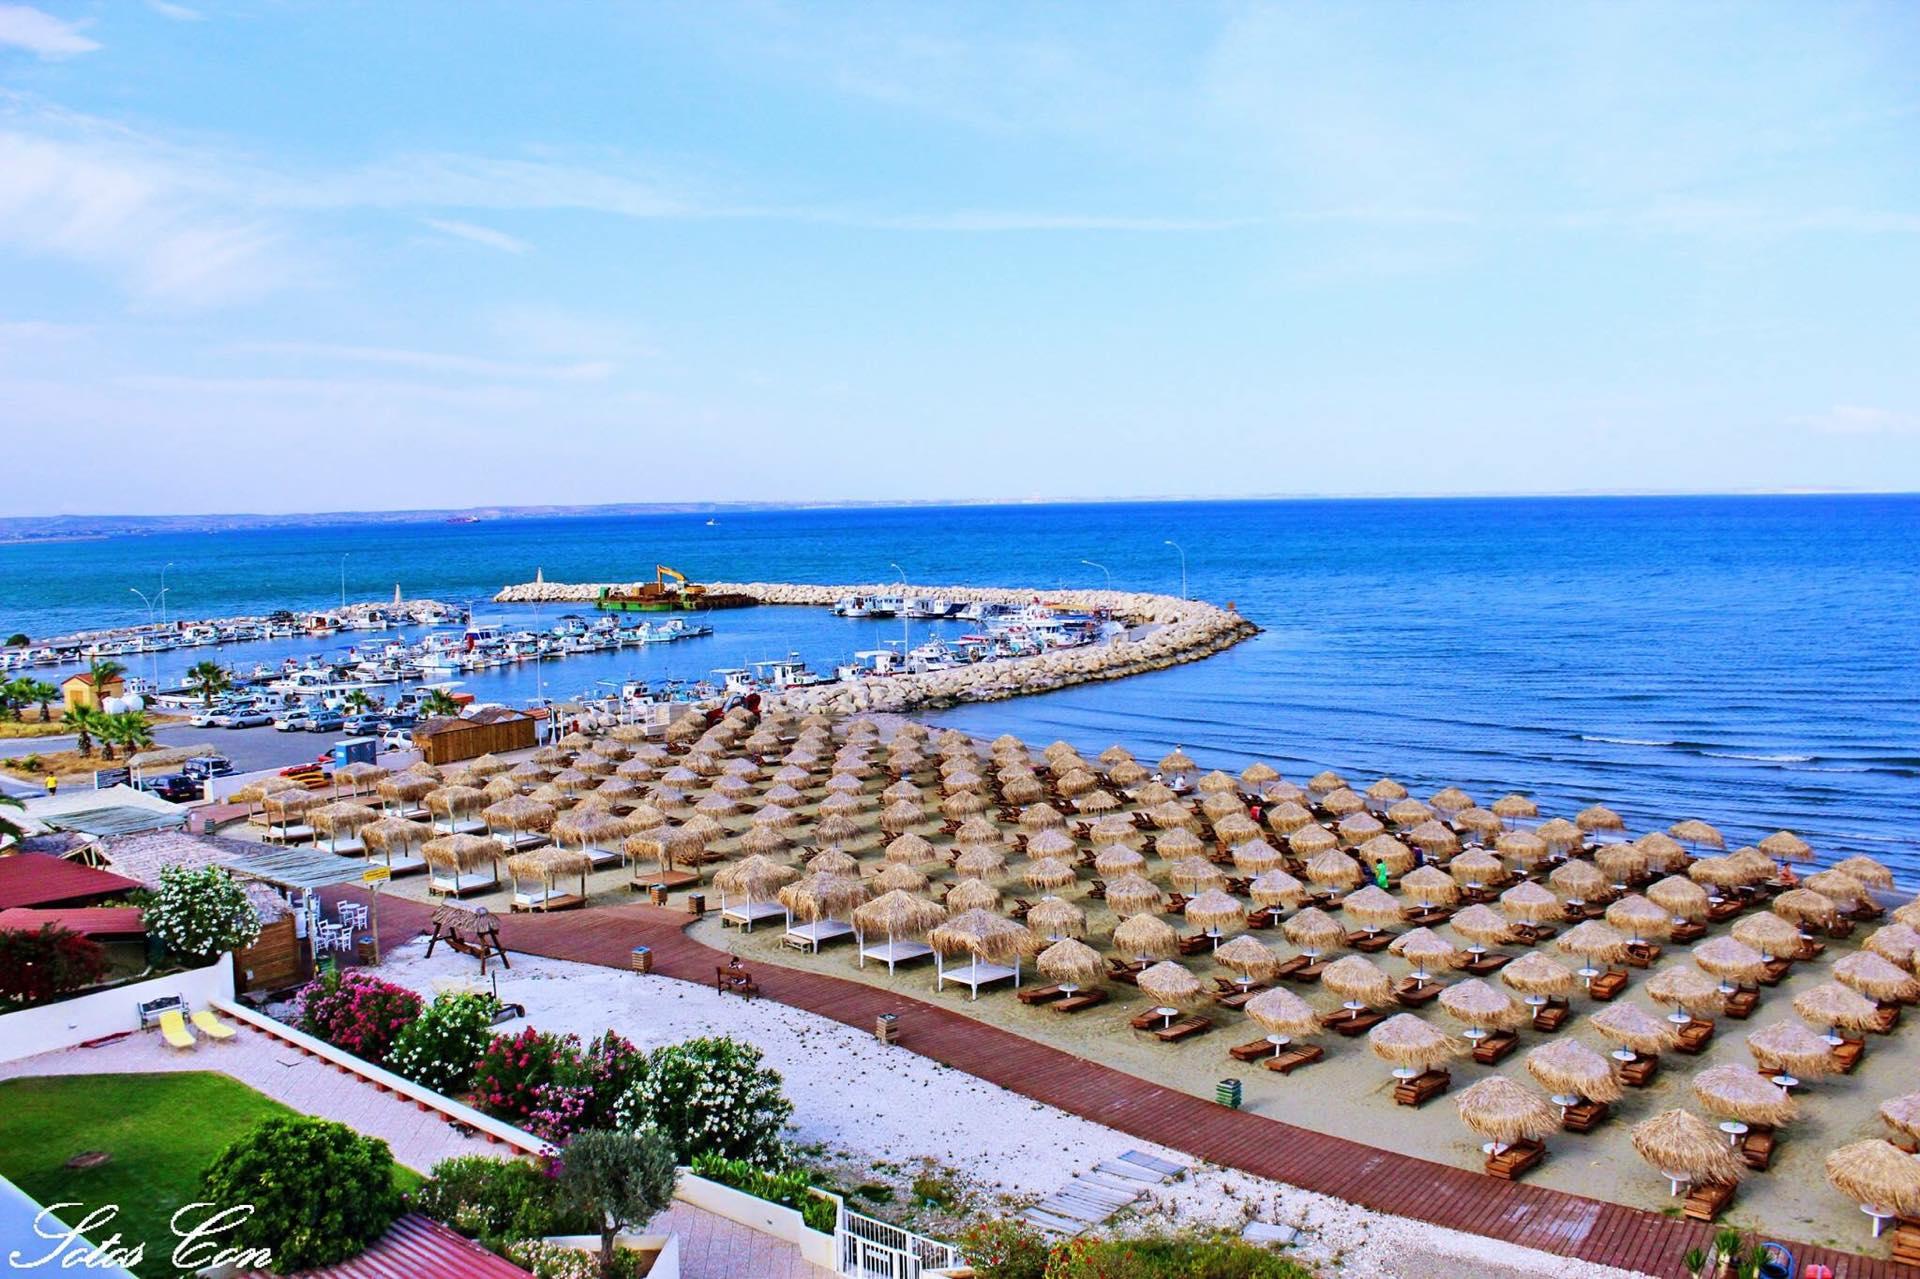 Μέχρι και σε παραλία υπό προστασία από μέλη της ΜΜΑΔ η Γρηγορίου – Της δόθηκε και ασύρματος